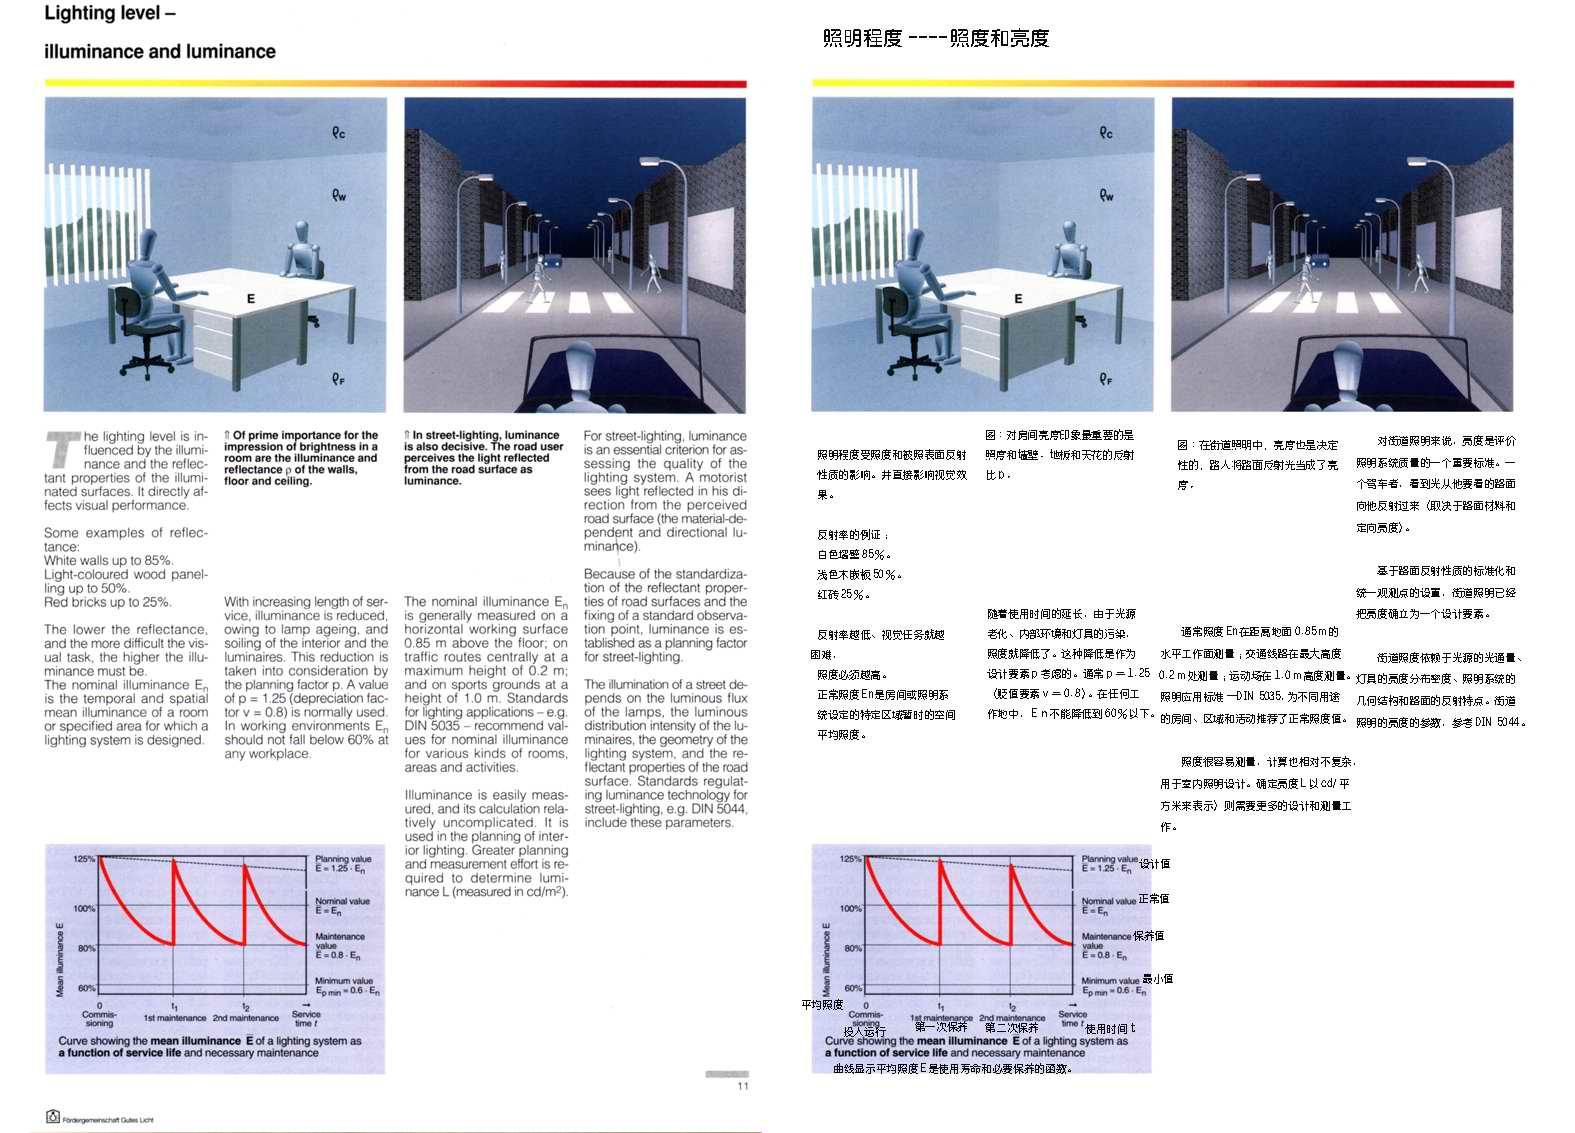 照明设计教程:人造光照明专业教程--(中英文对照版) (多图附:下载) - R站|学习使我快乐! - 8